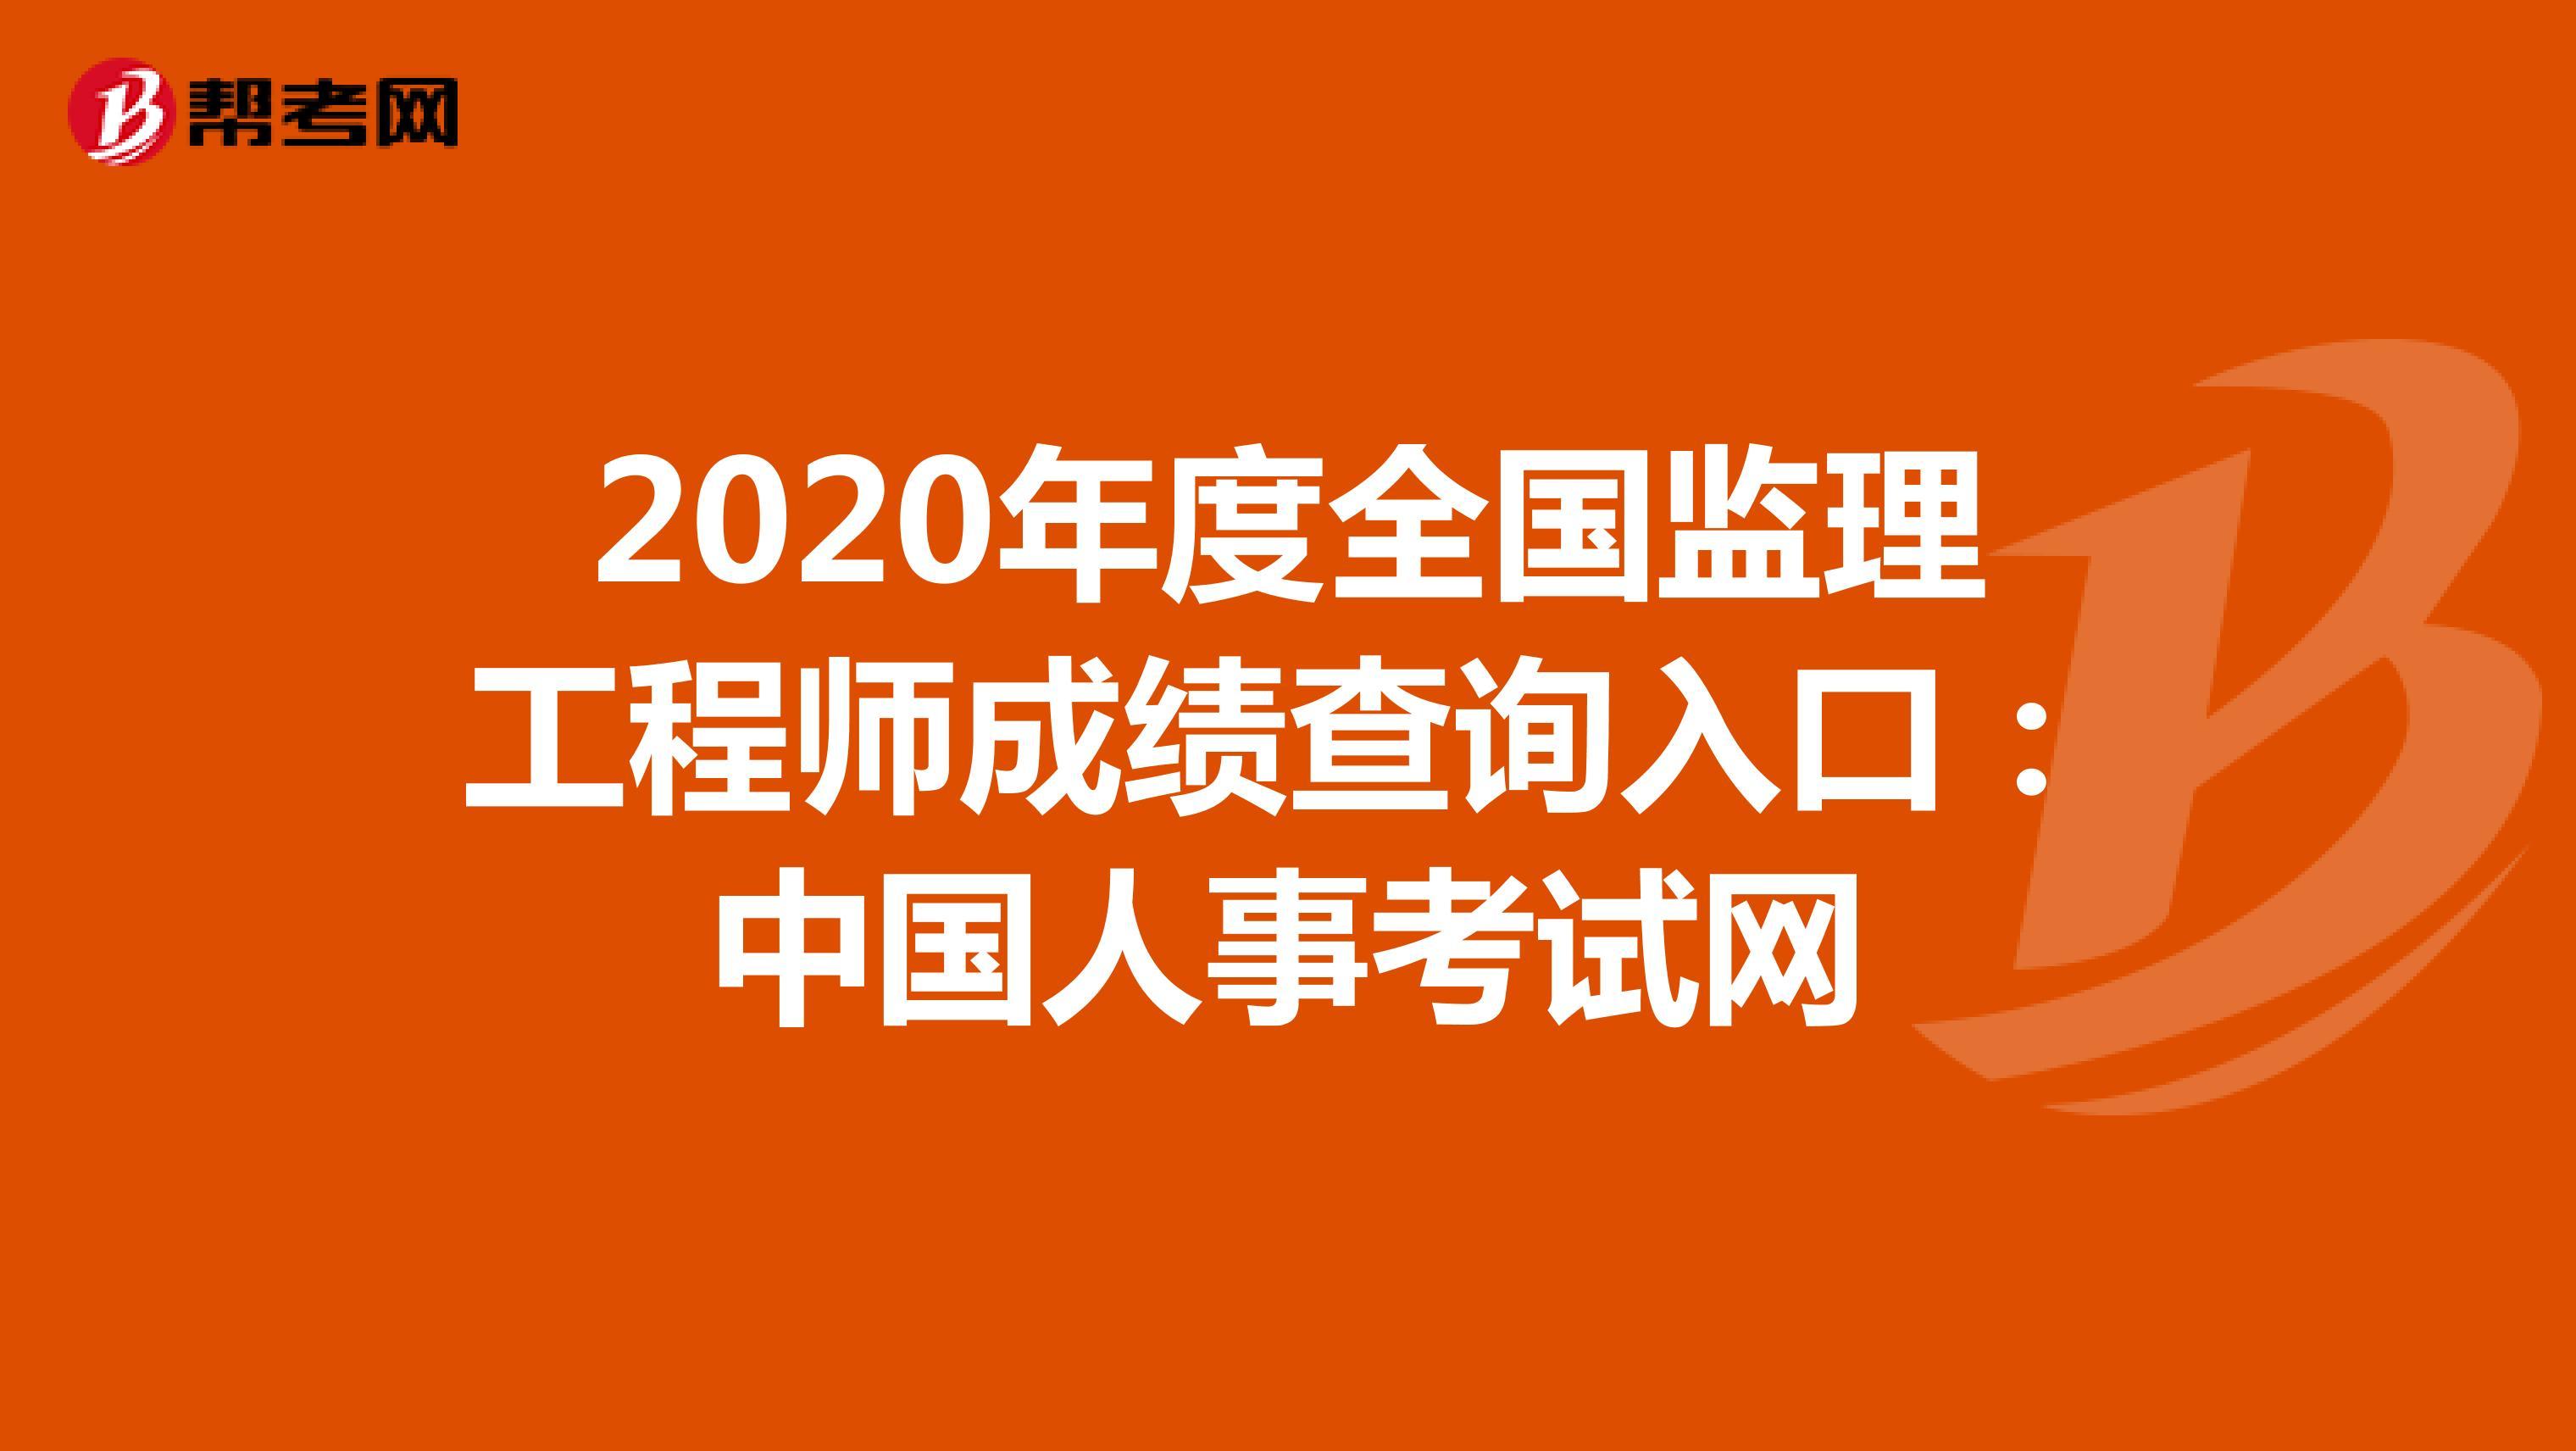 2020年度全国监理工程师成绩查询入口:中国人事考试网